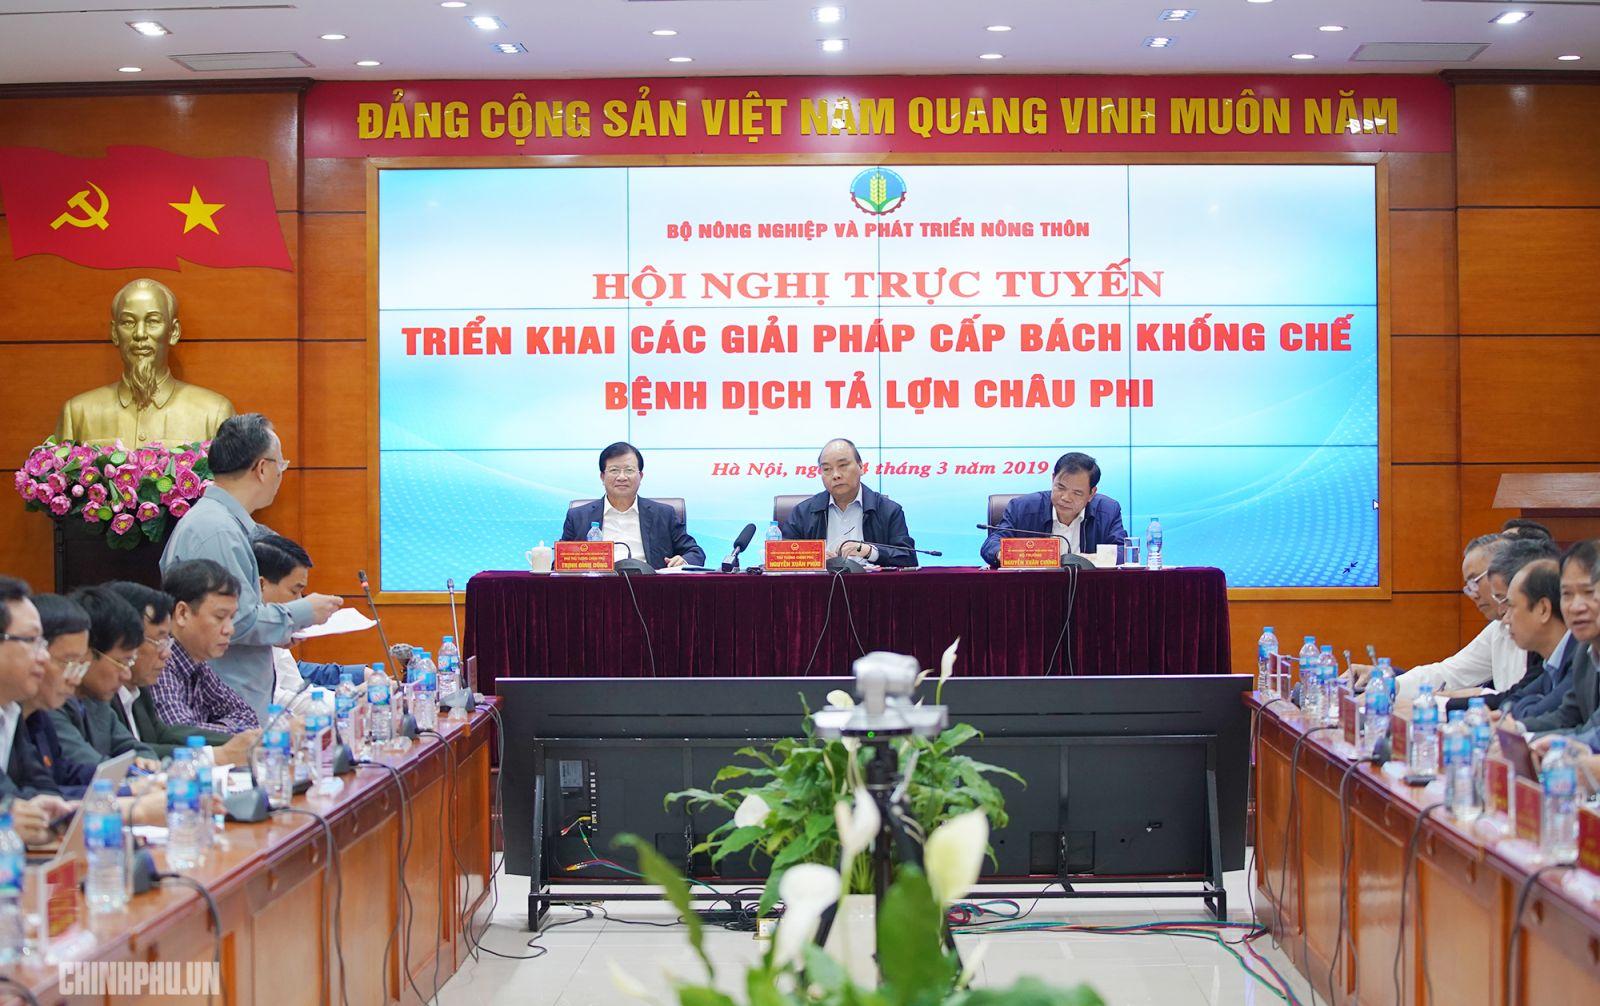 Thủ tướng Nguyễn Xuân Phúc chủ trì Hội nghị trực tuyến triển khai các giải pháp cấp bách khống chế bệnh dịch tả lợn châu Phi. Ảnh: VGP/Quang Hiếu